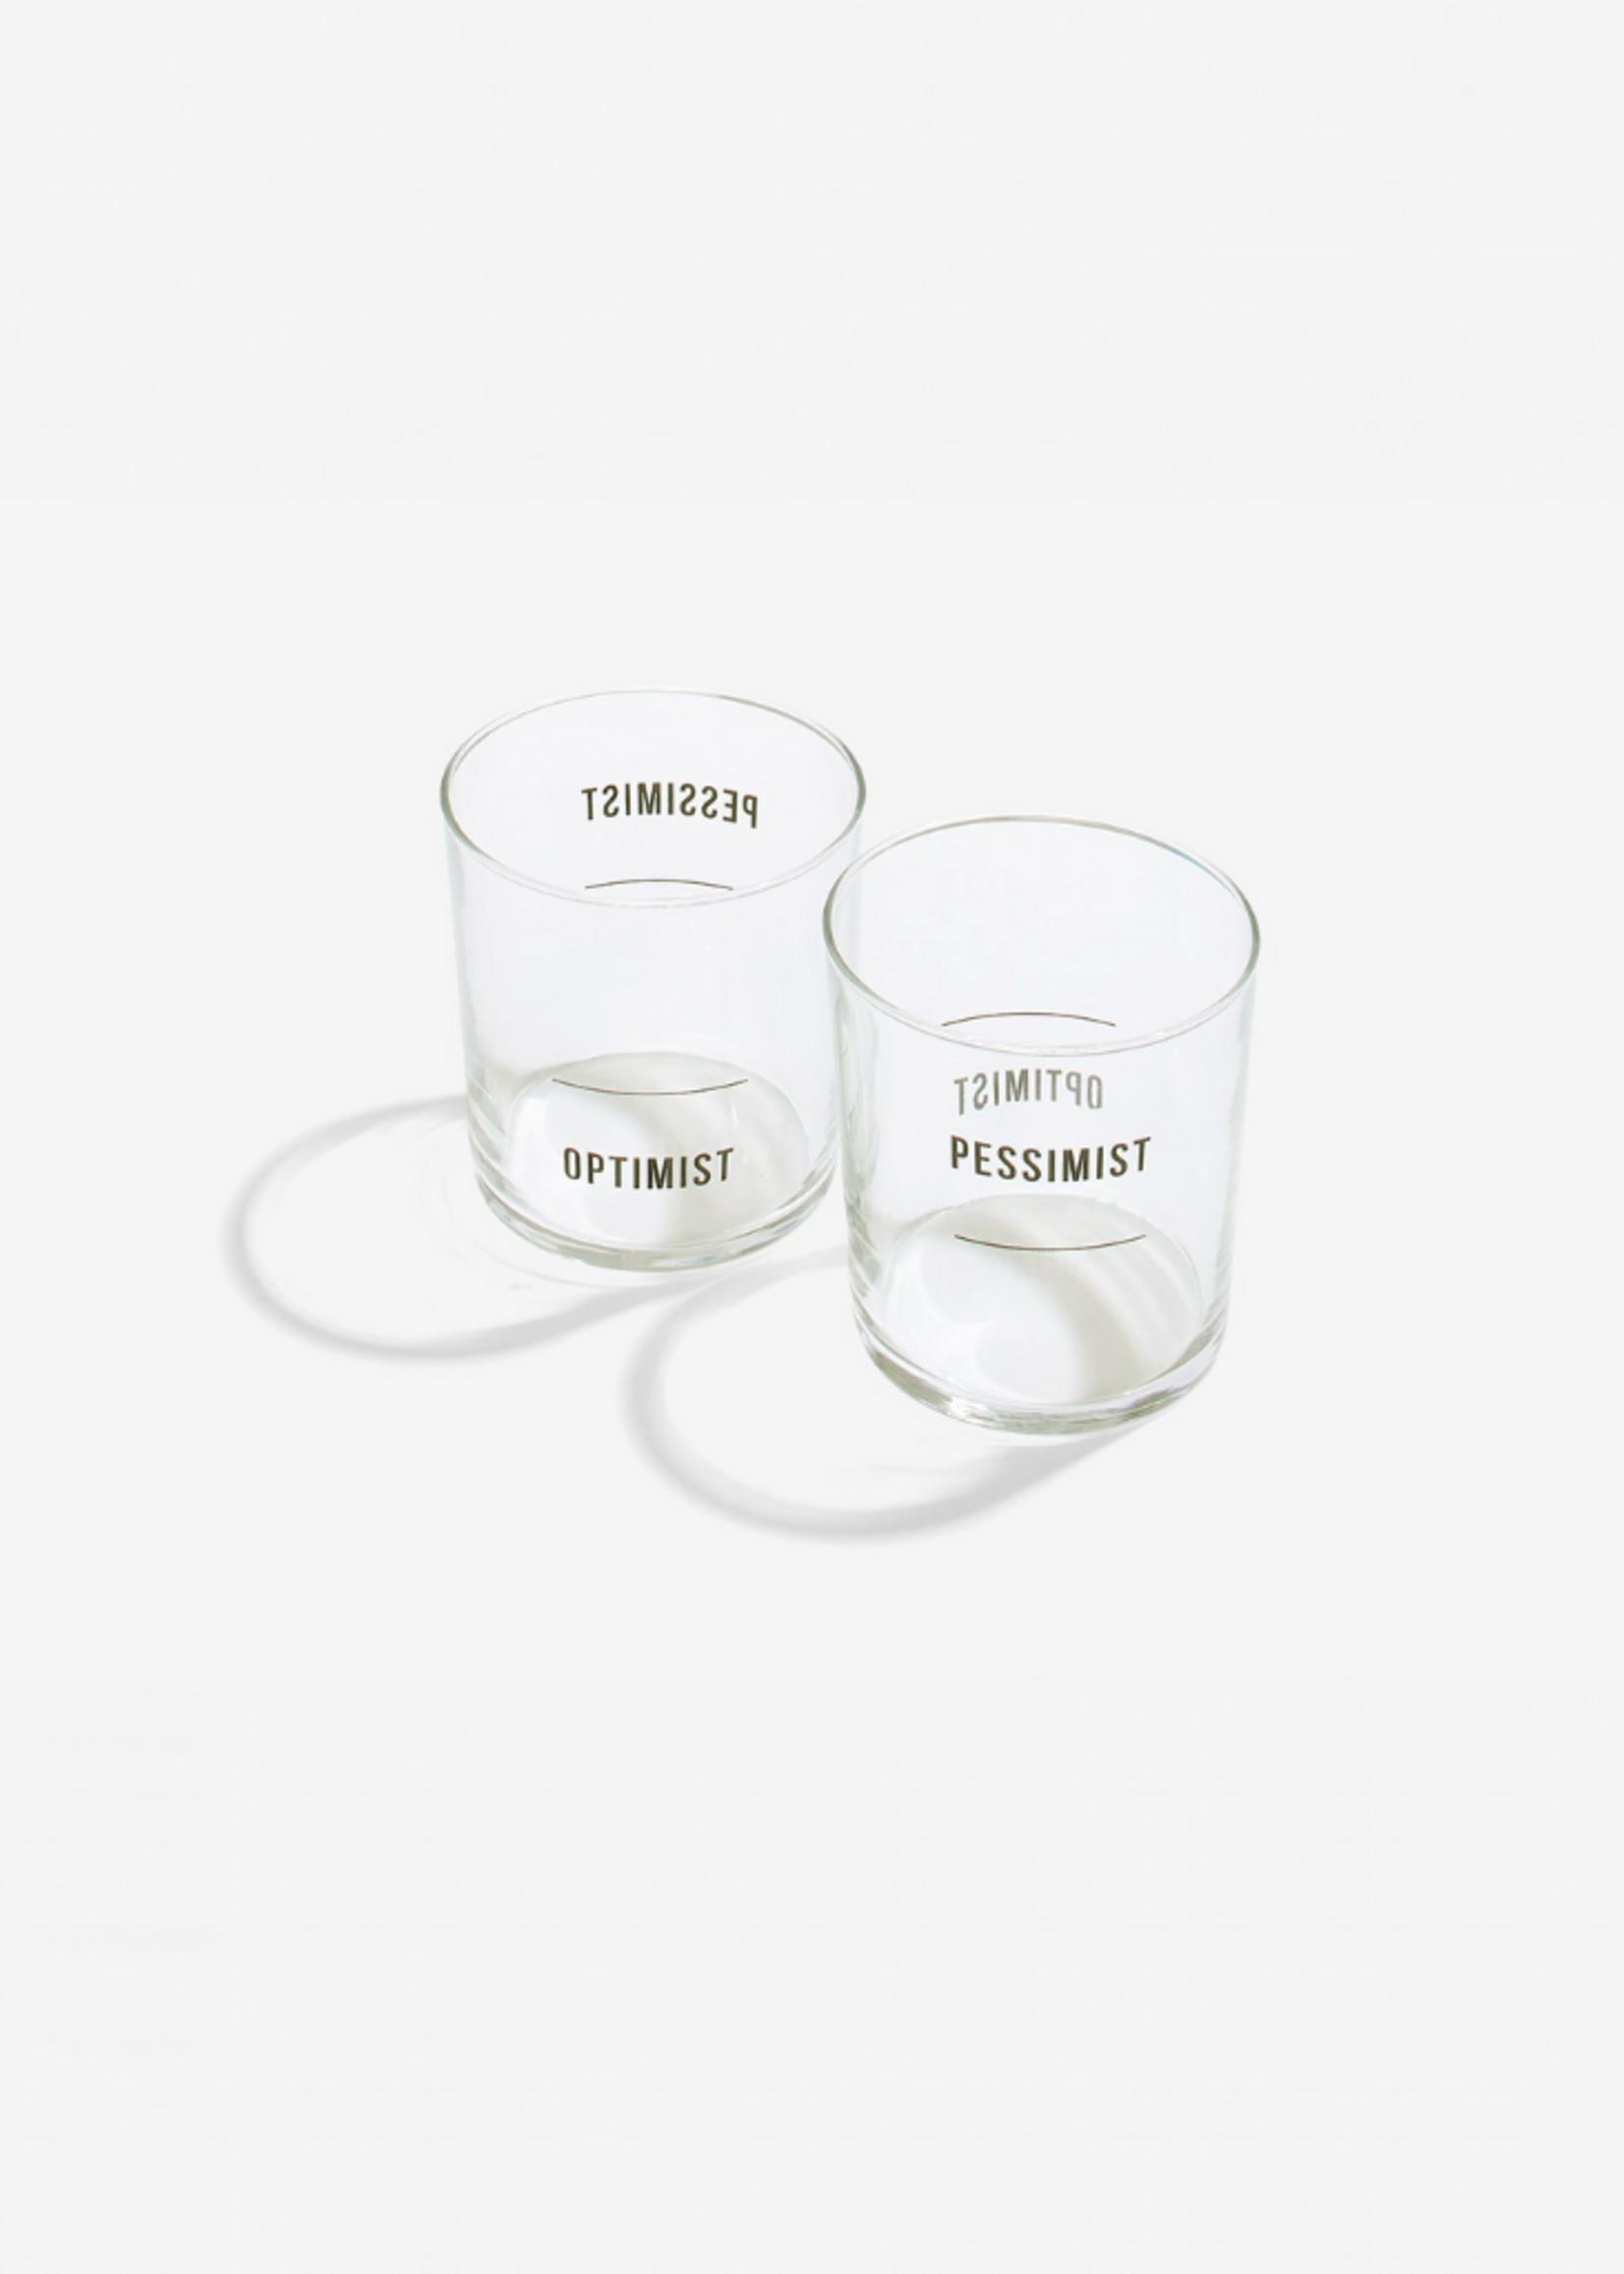 The School of Life Optimist and Pessimist Glass Set